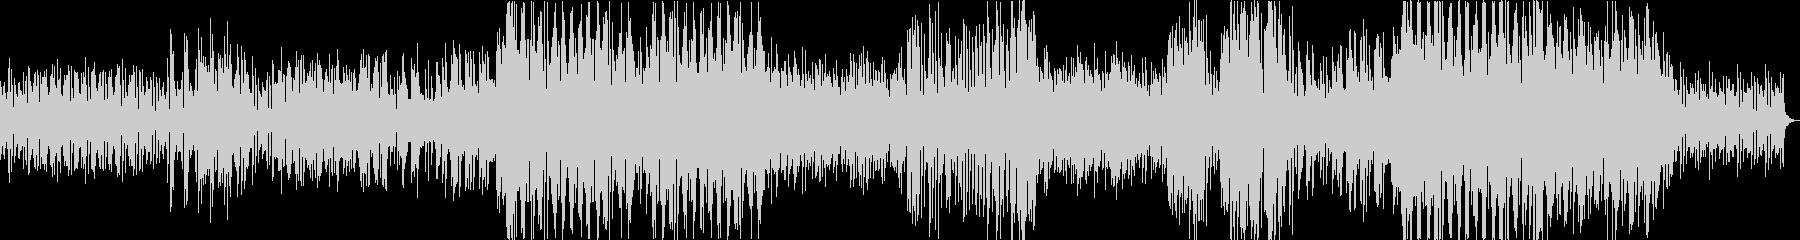 とある漫画の1シーンを想定して作った曲…の未再生の波形